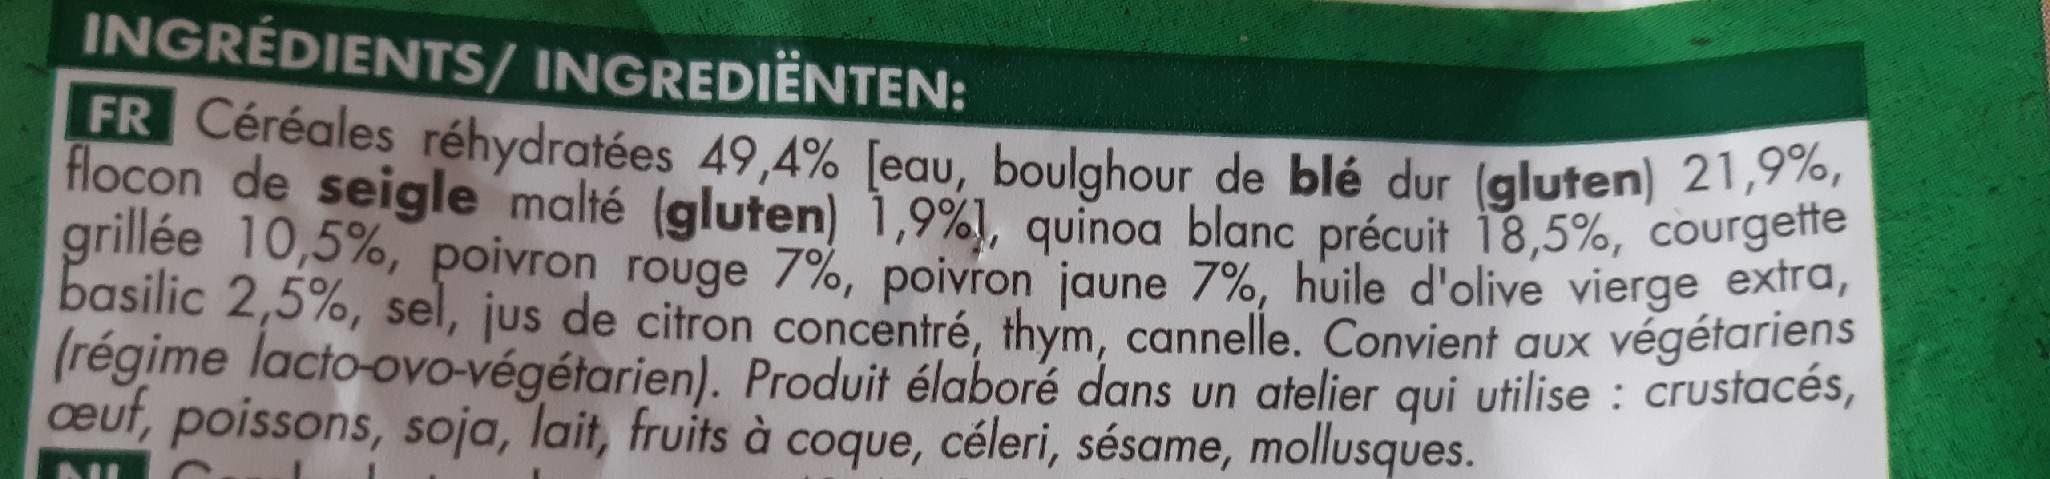 Quinoa et céréales cuisinés / légumes - Ingrédients